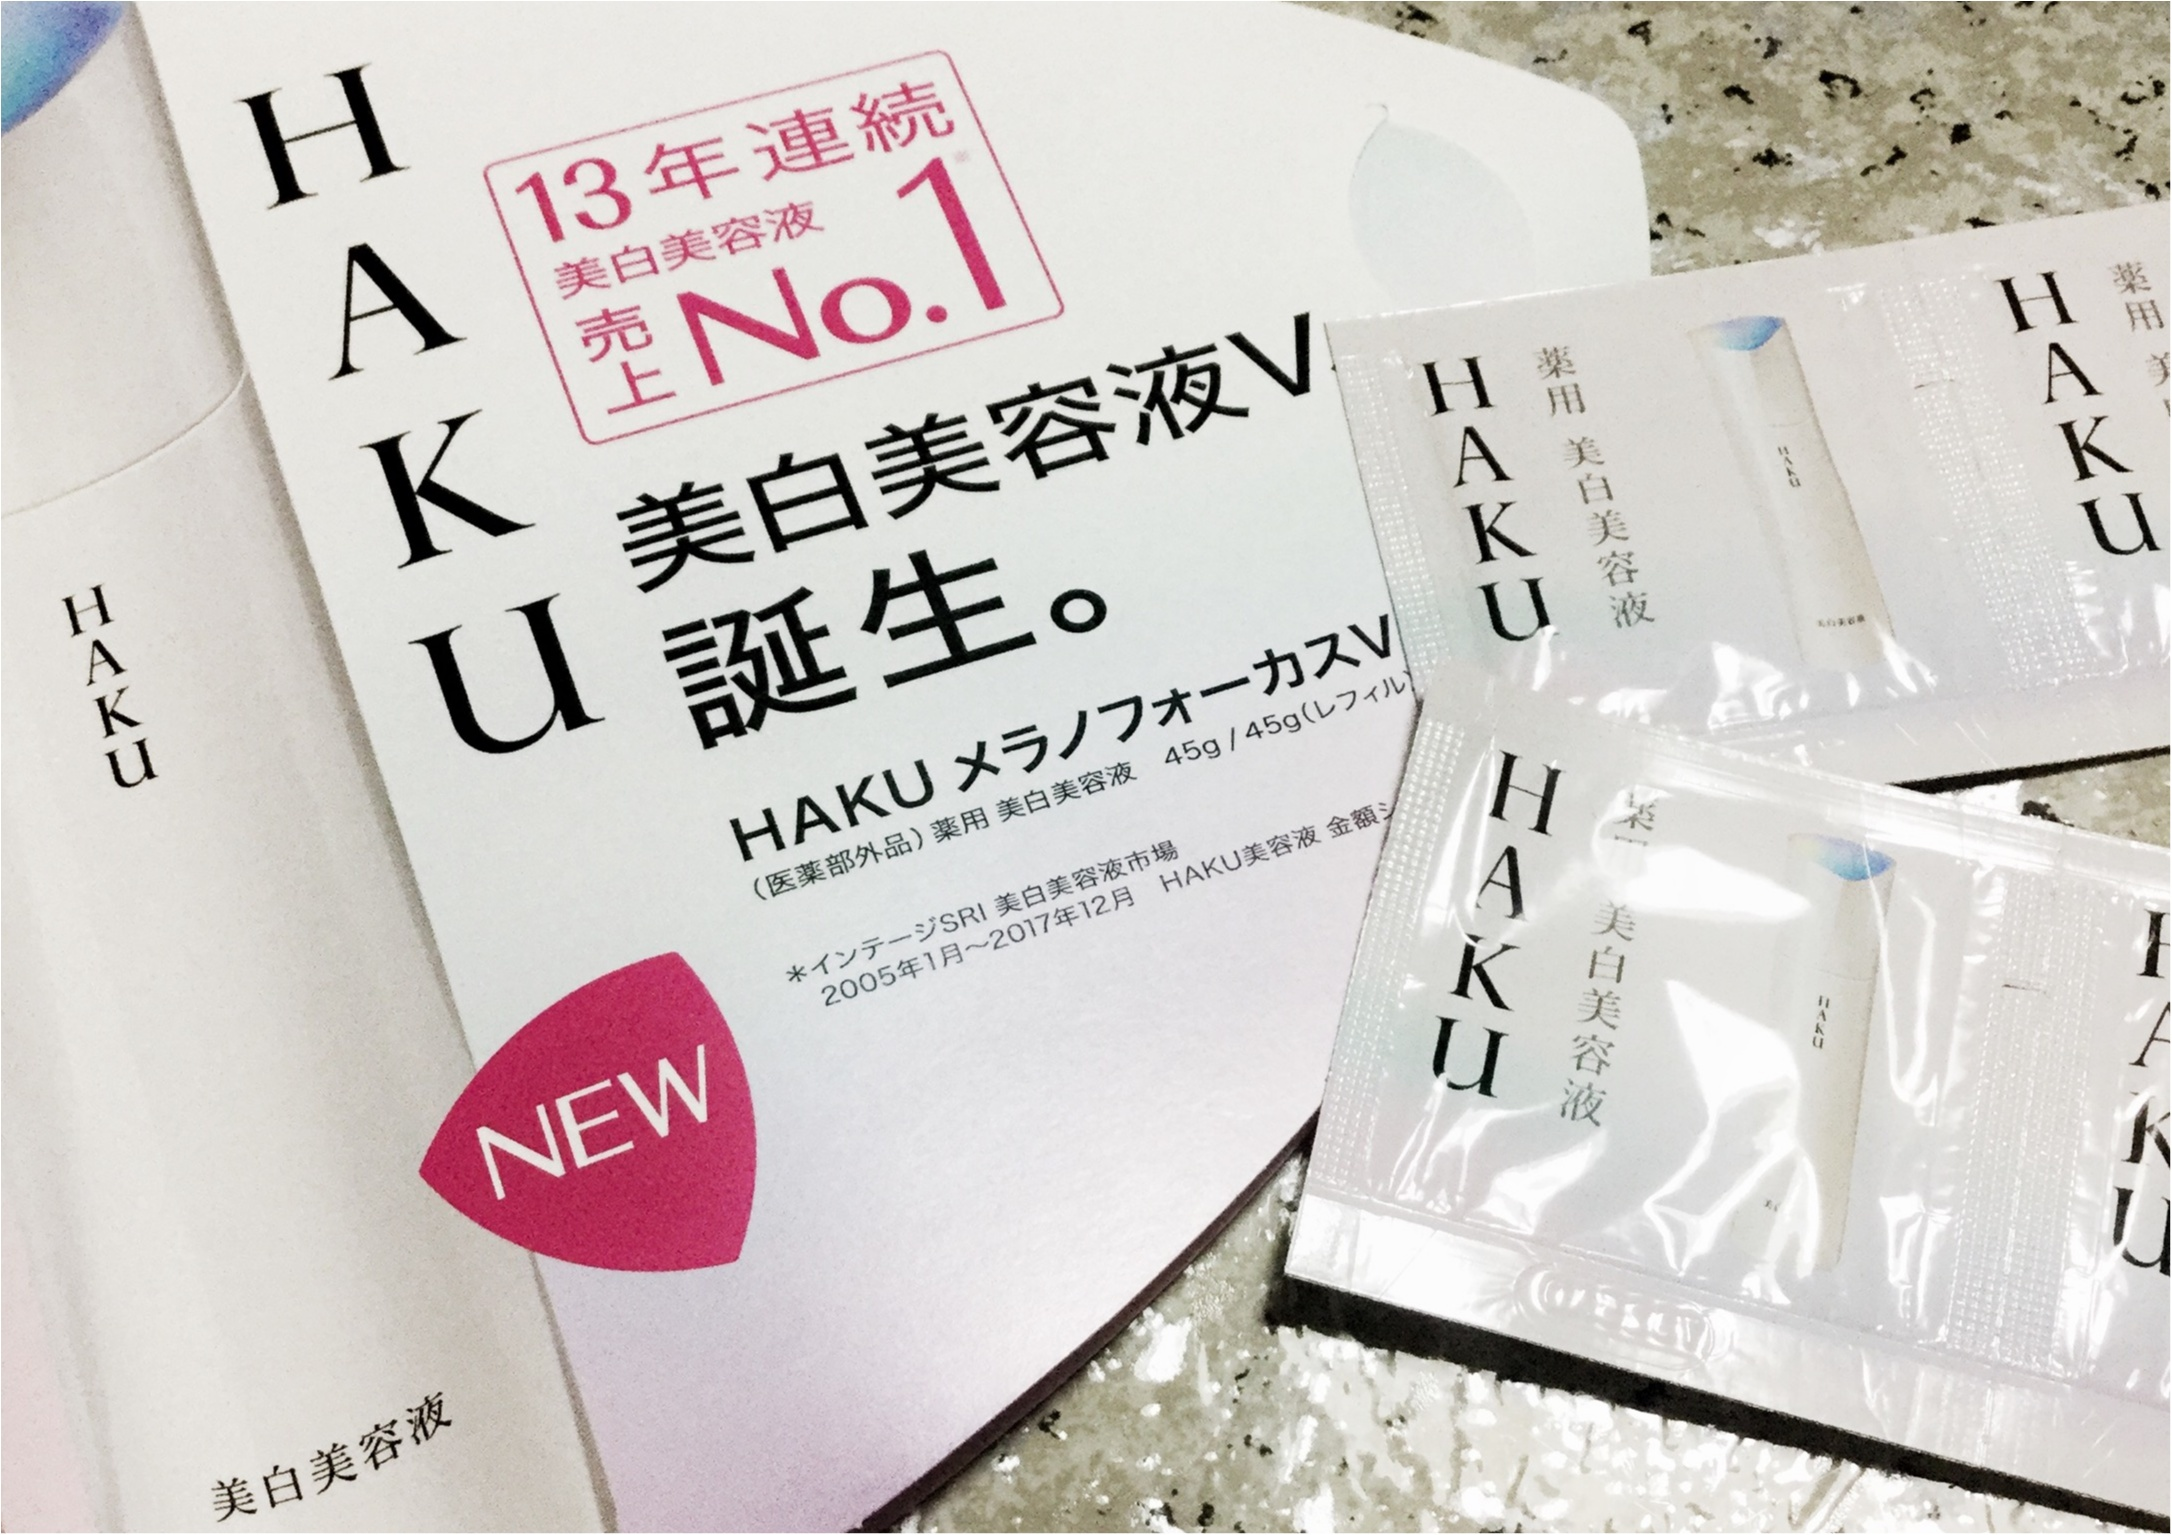 【美白美容液No.1】3/21発売《資生堂 HAKUメラノフォーカスV》はシリーズ史上最高の「美白力」→事前予約するだけでお得なプレゼントも♡_1